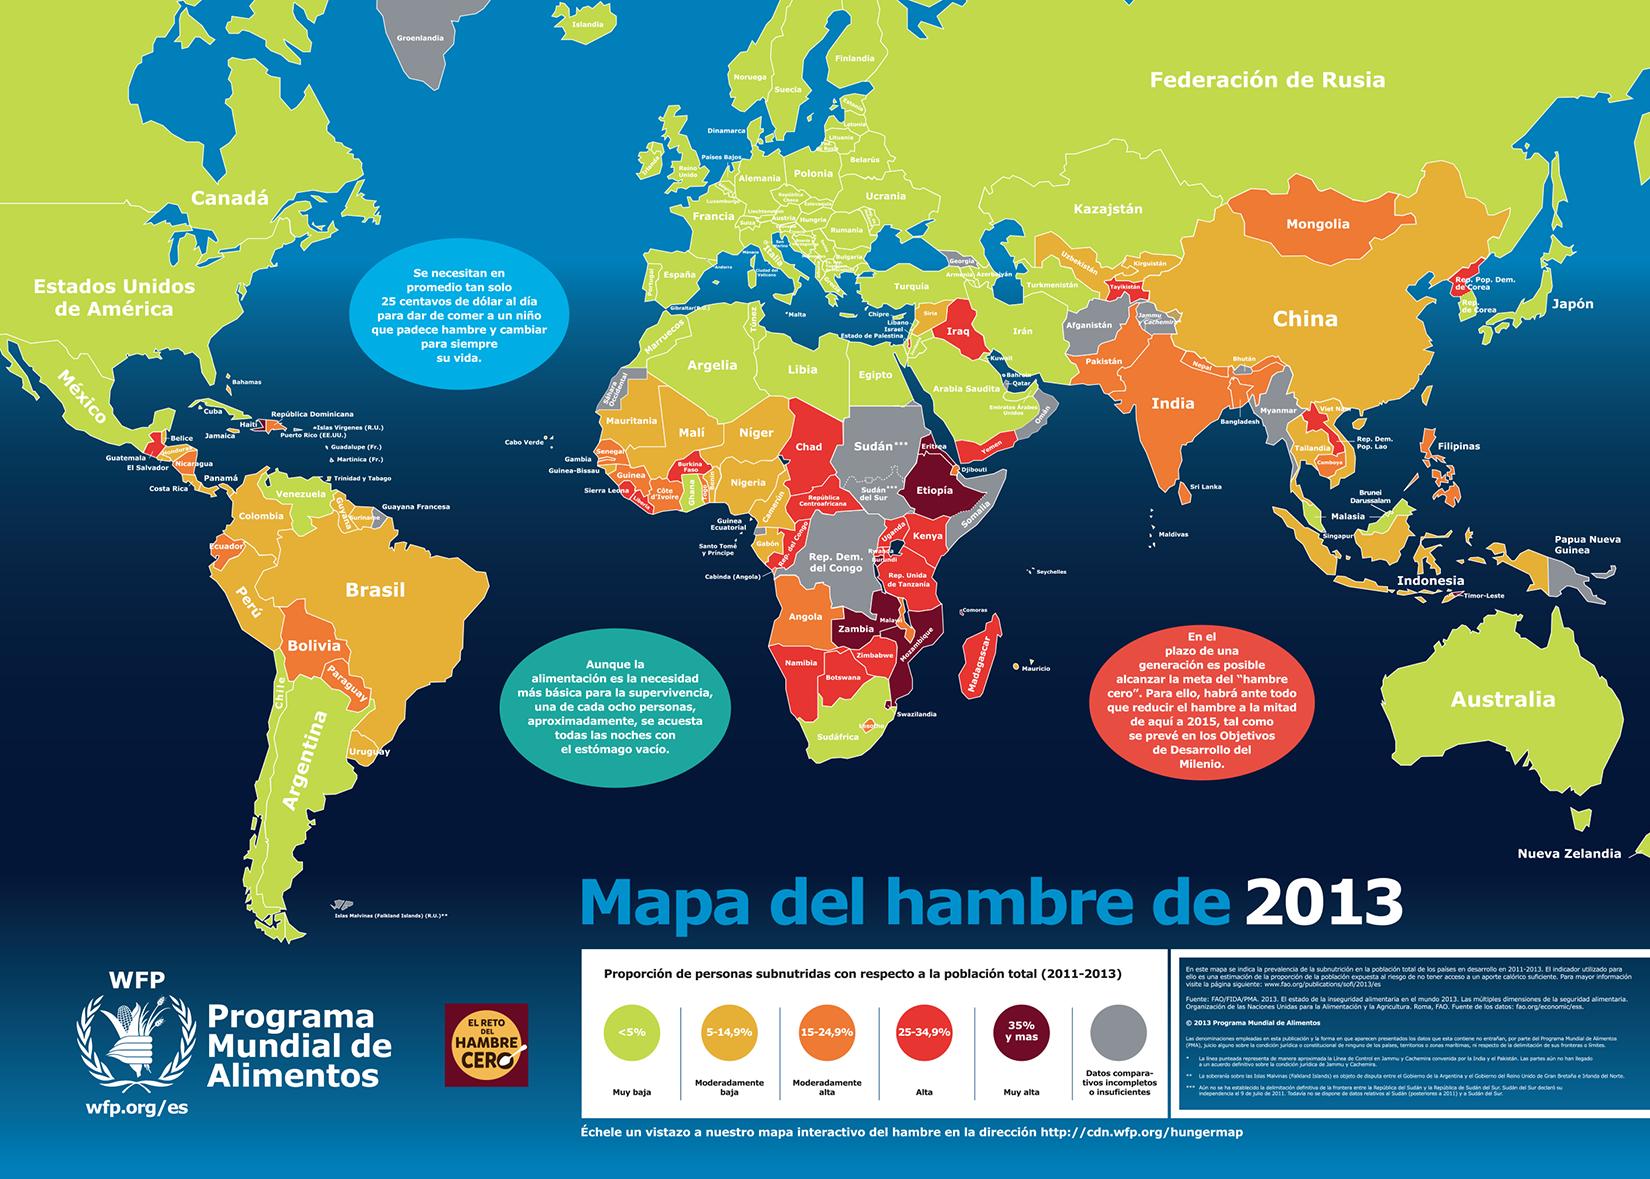 Mapa del hambre: ¿Qué país latinoamericano es al nivel de Etiopia?